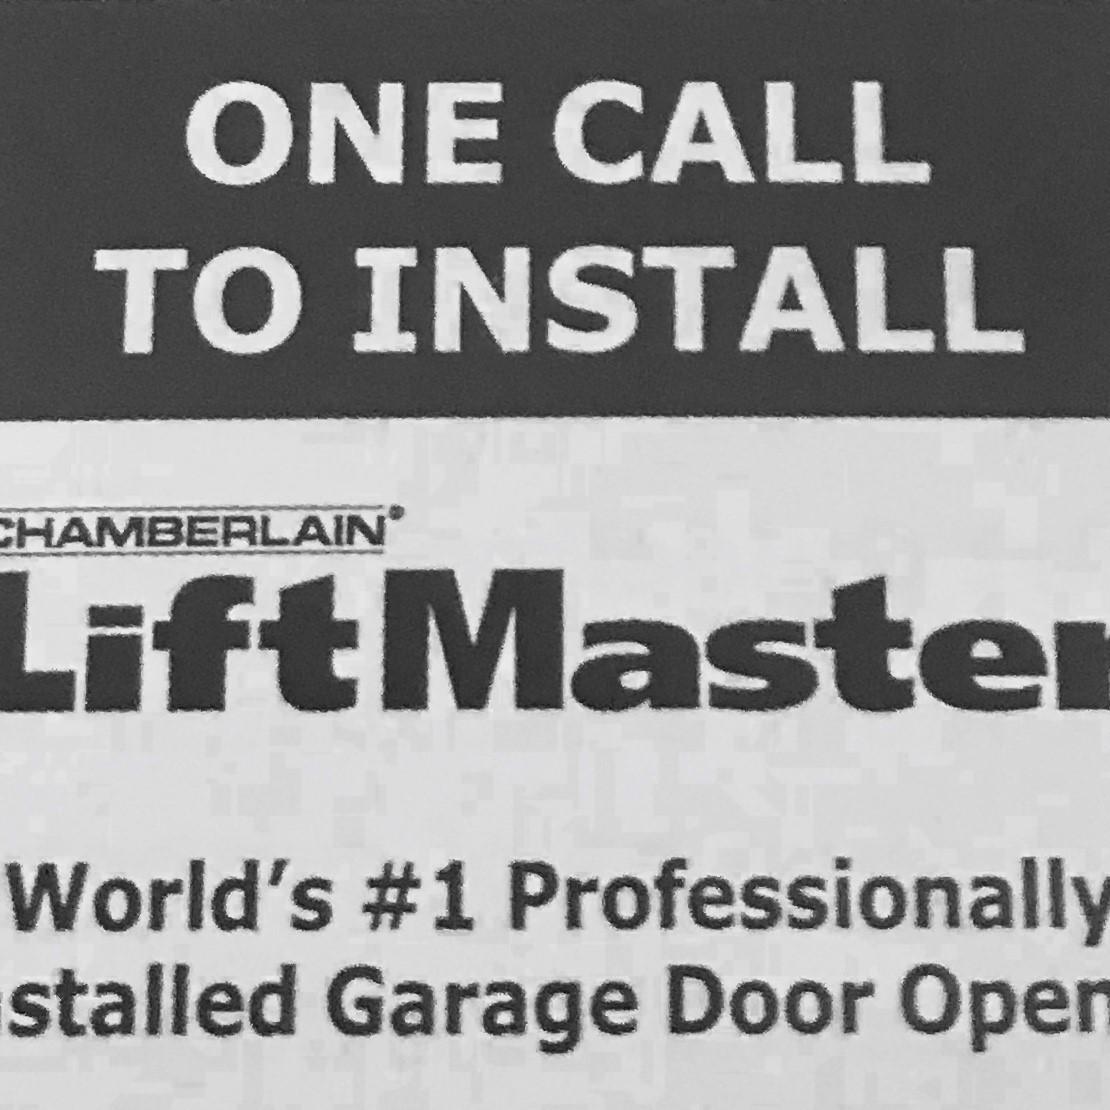 A1 Overhead Garage Doors image 6